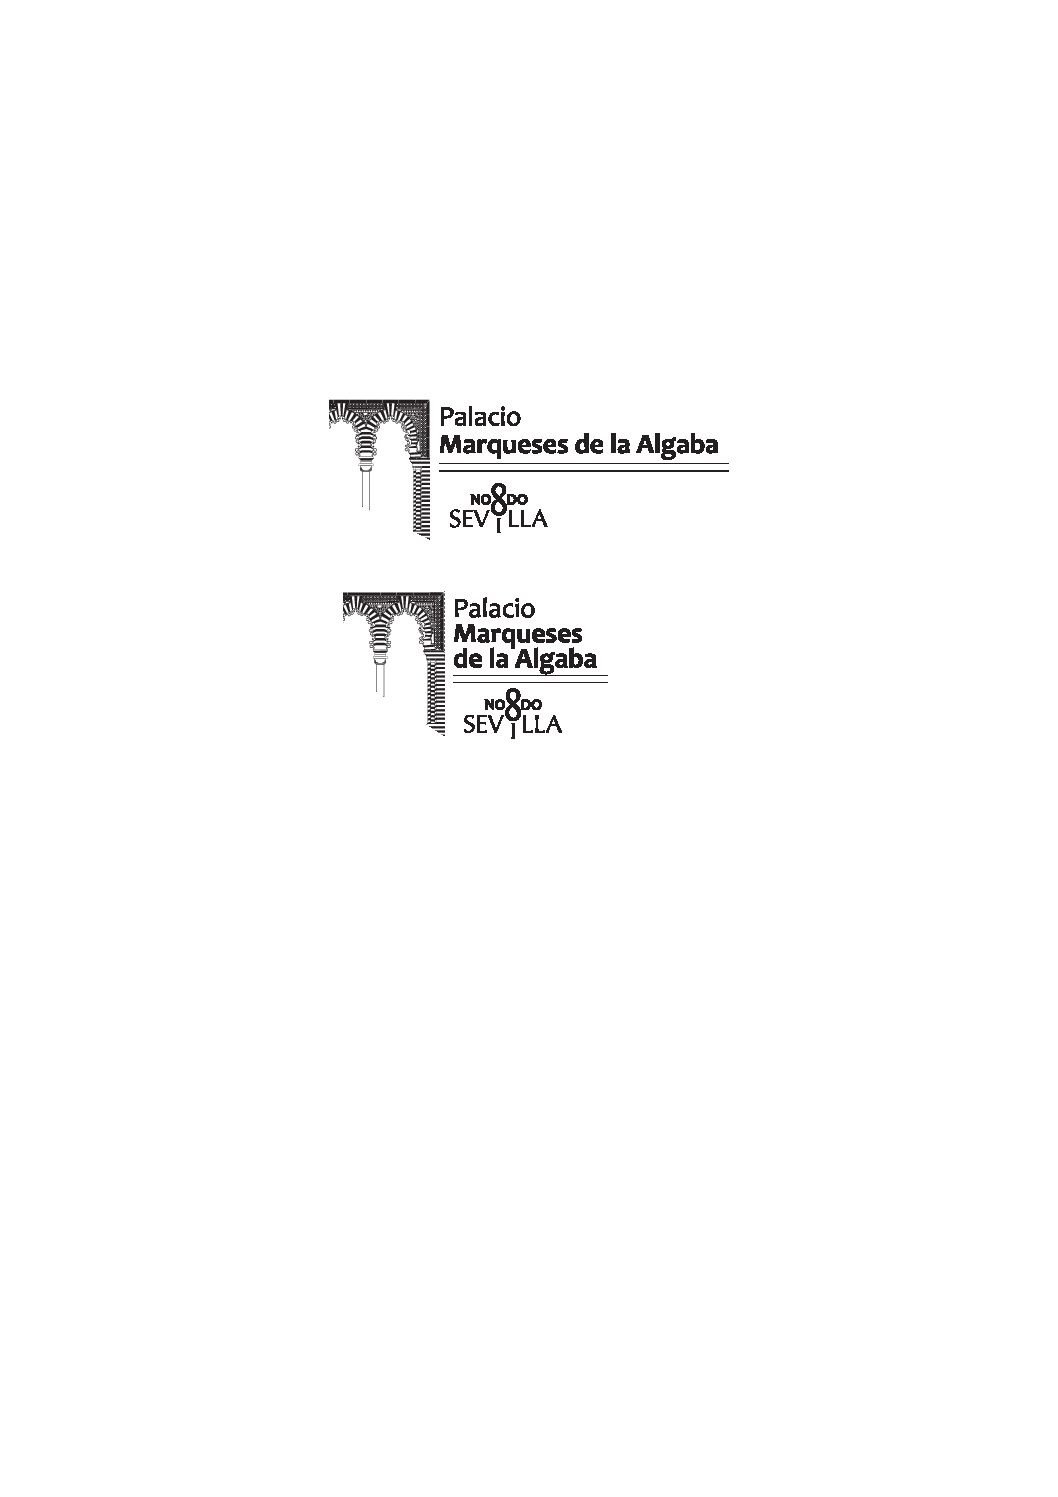 Visitas culturales a las dependencias del Palacio Marqueses de la Algaba y Centro Mudéjar